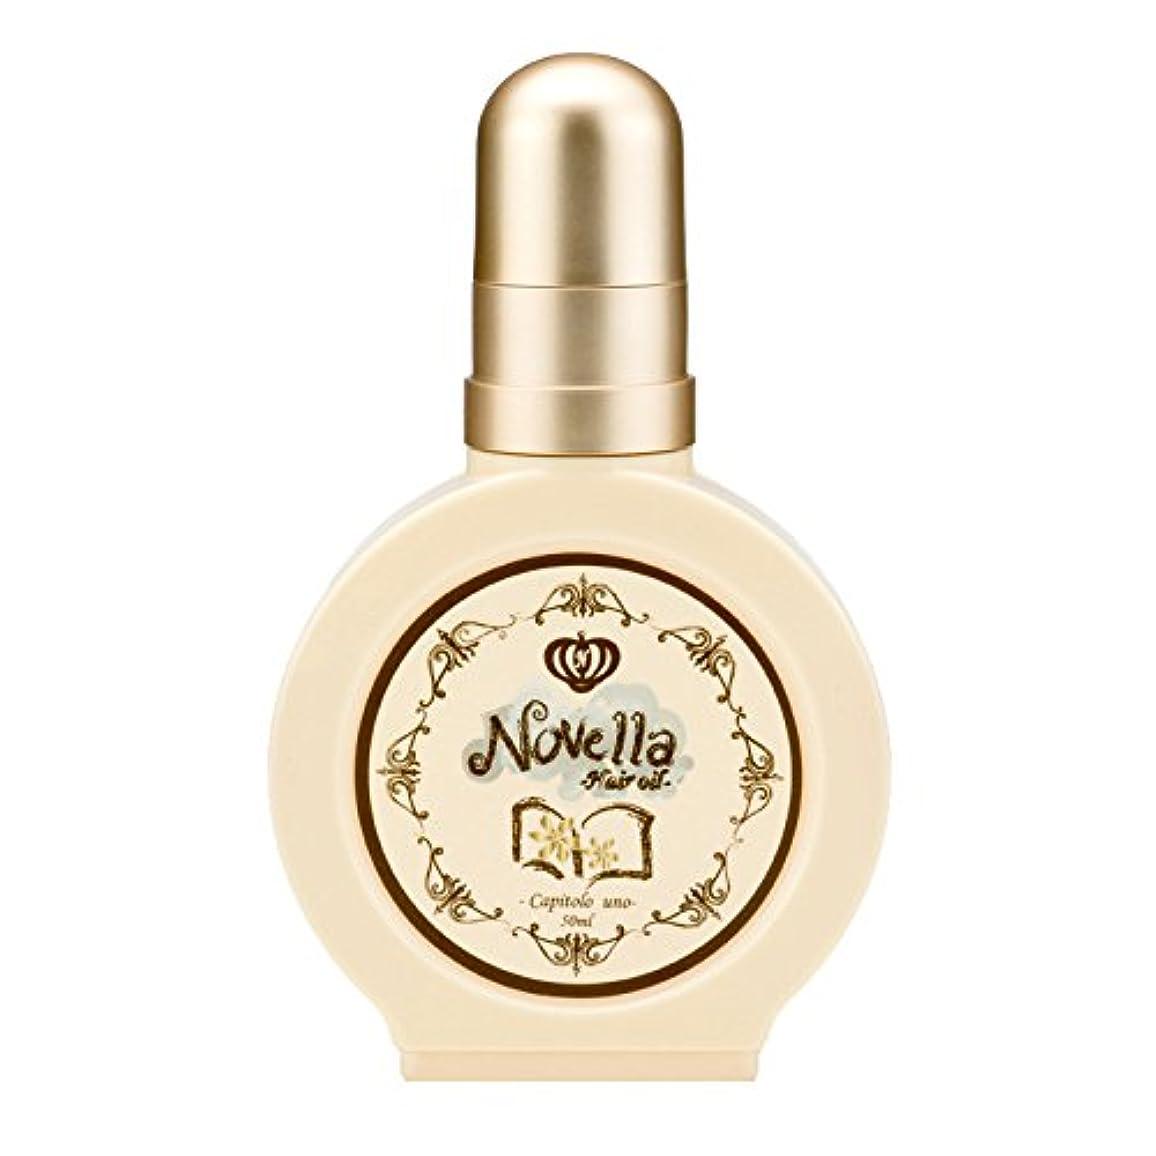 NOVELLA(ノヴェラ)フレグランス ヘアオイル(洗い流さないトリートメント)ウノ(ウッドムスクの香り)50mL